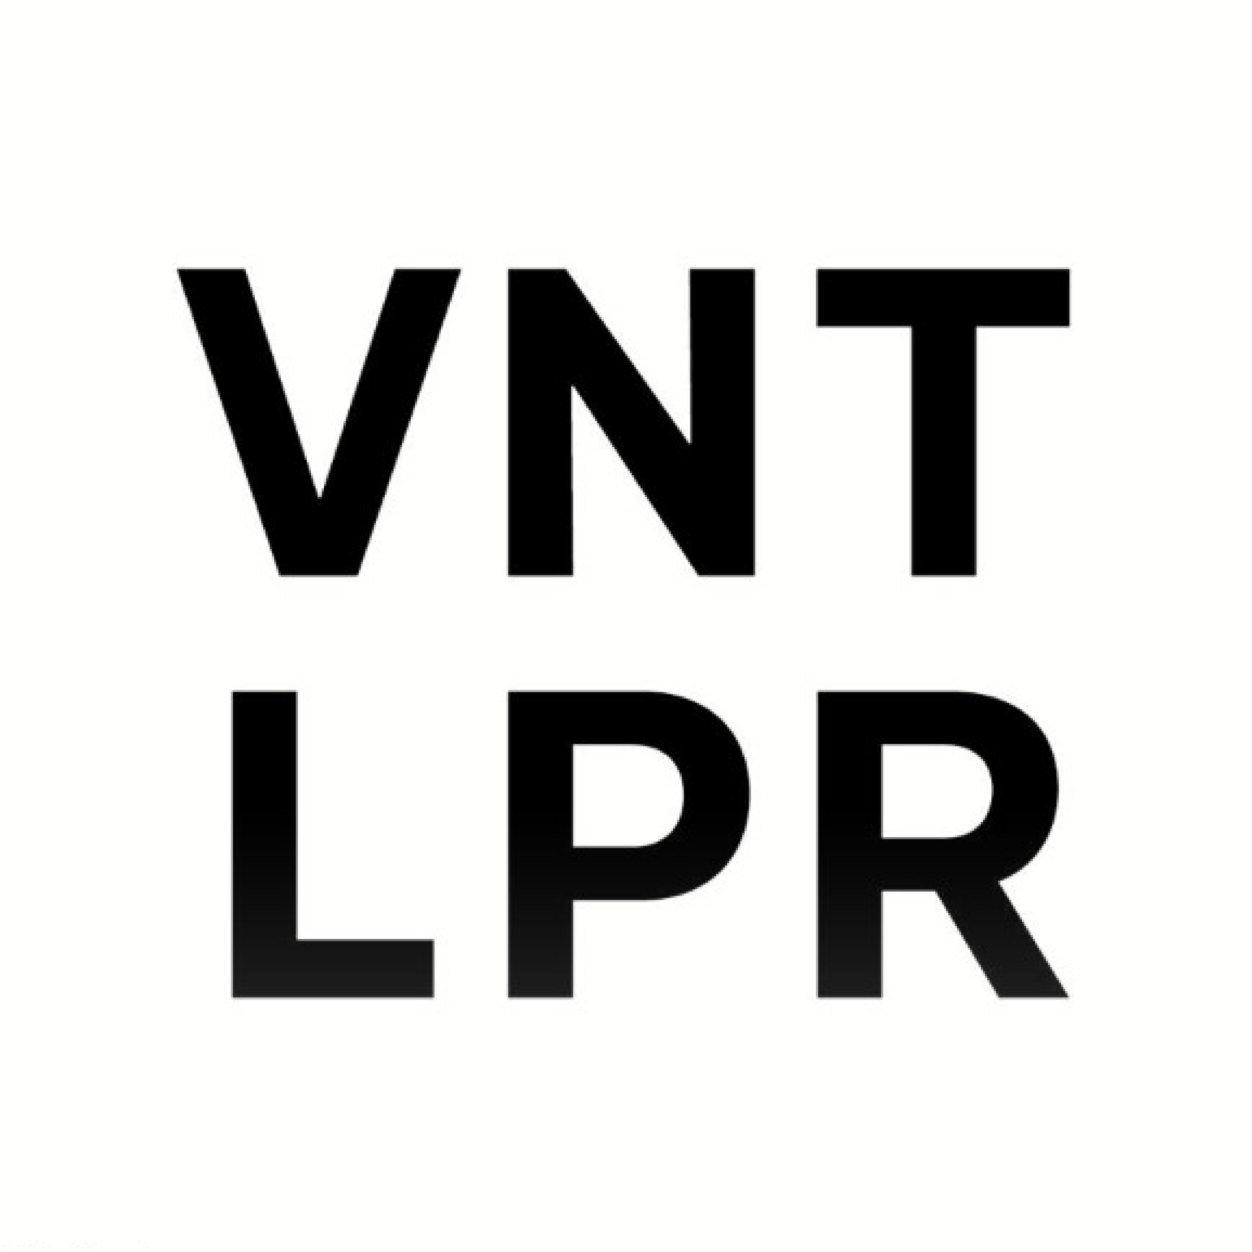 Vinteloper_Reverse_Logo